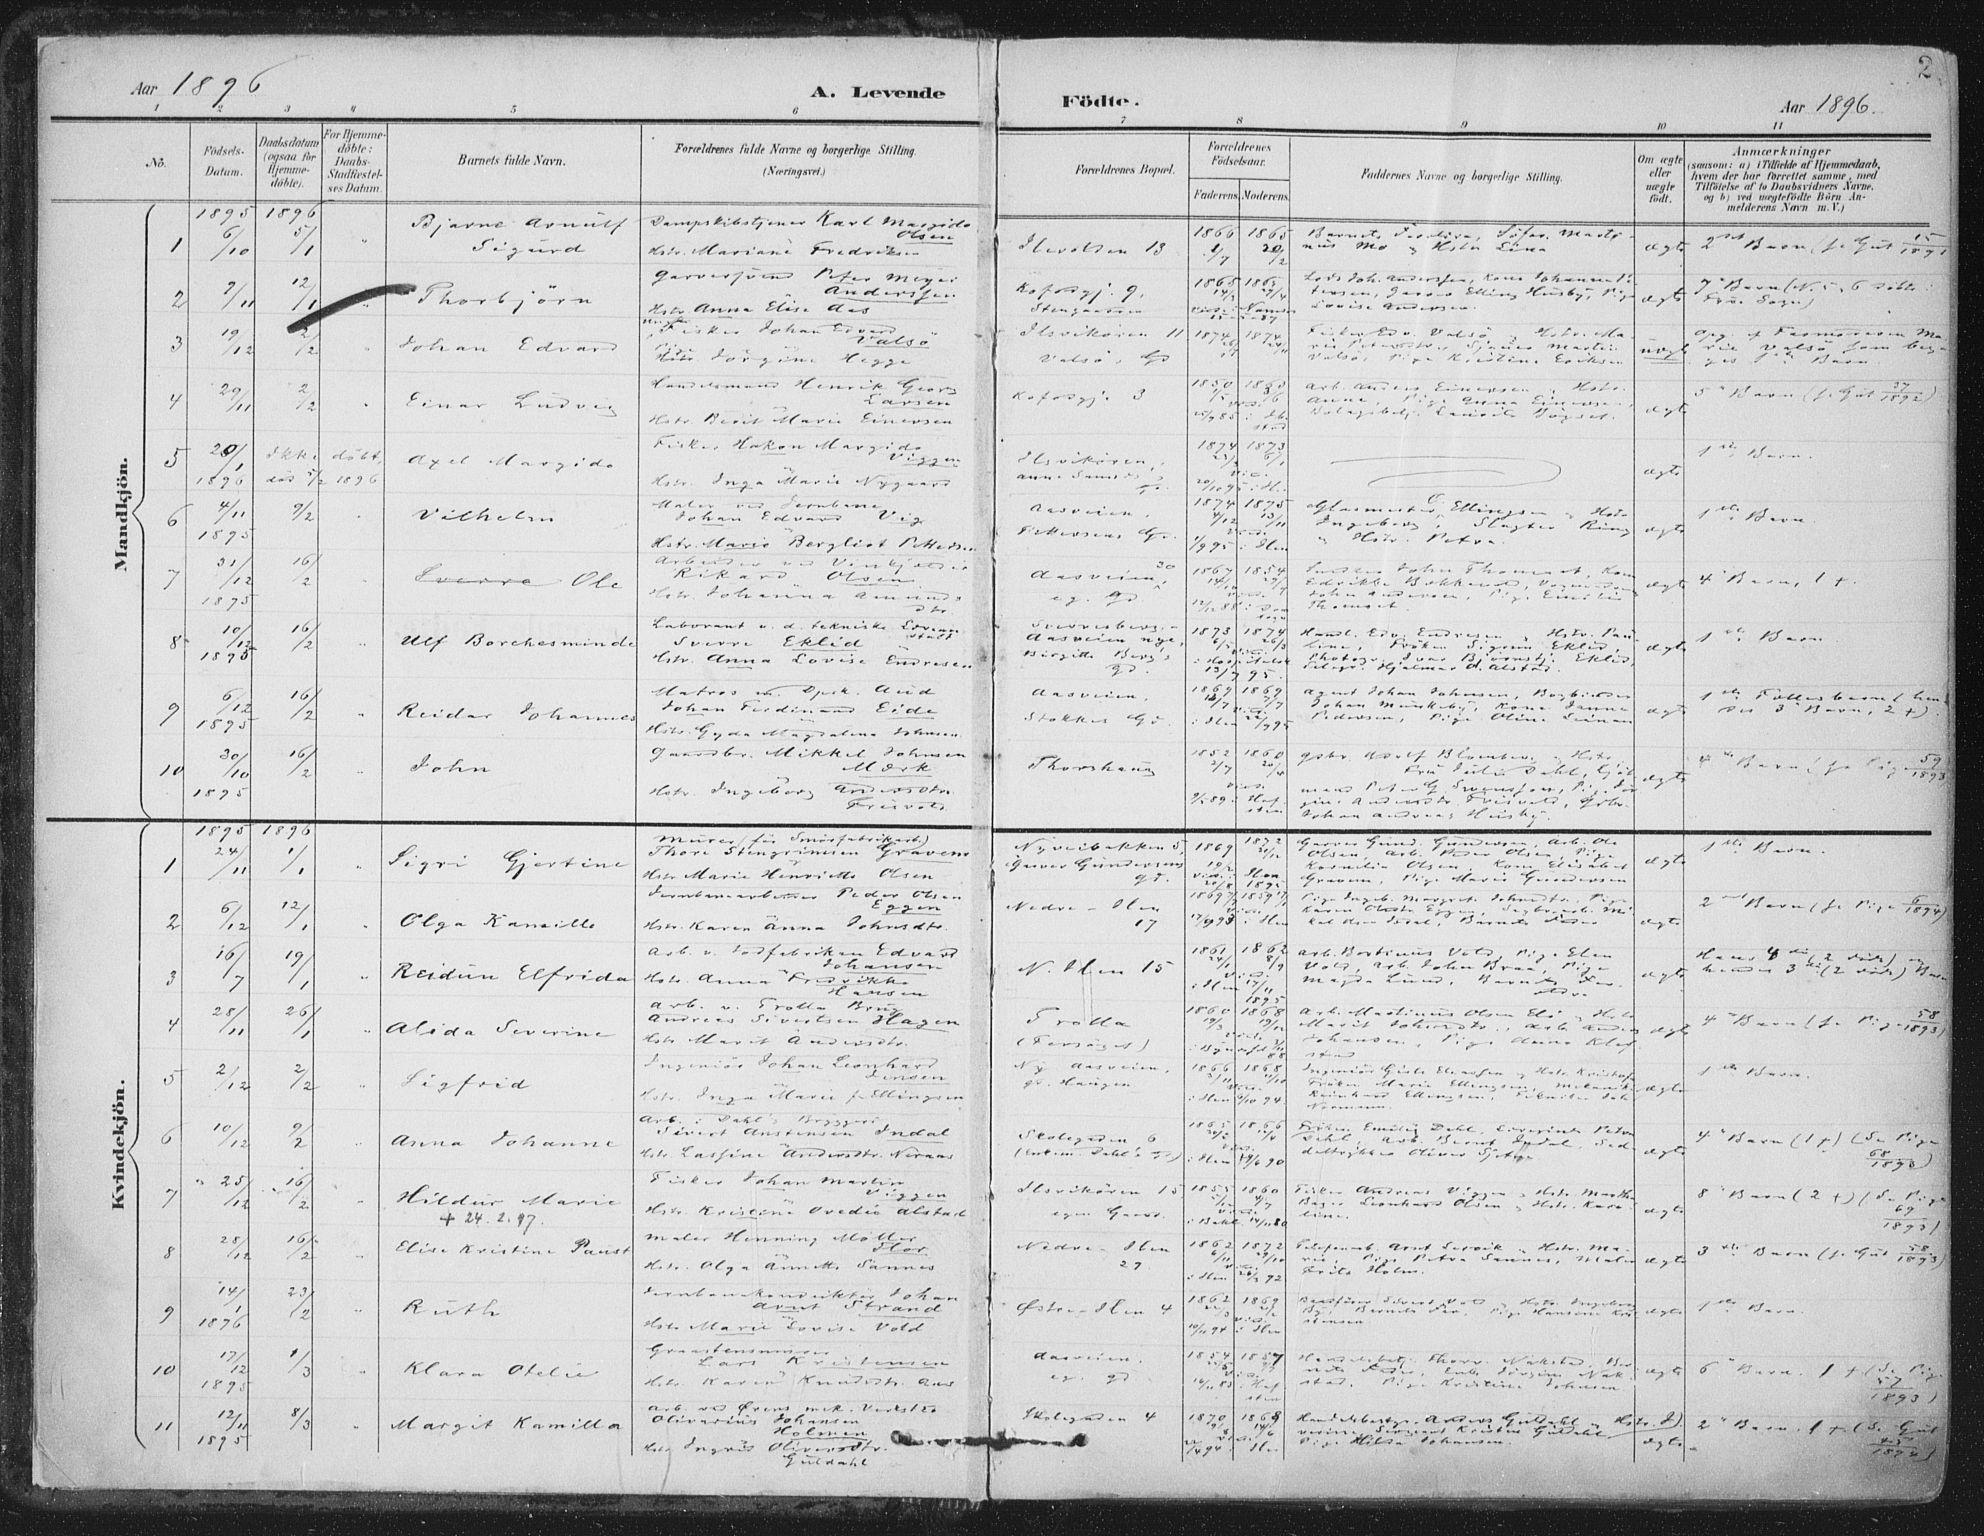 SAT, Ministerialprotokoller, klokkerbøker og fødselsregistre - Sør-Trøndelag, 603/L0167: Ministerialbok nr. 603A06, 1896-1932, s. 2